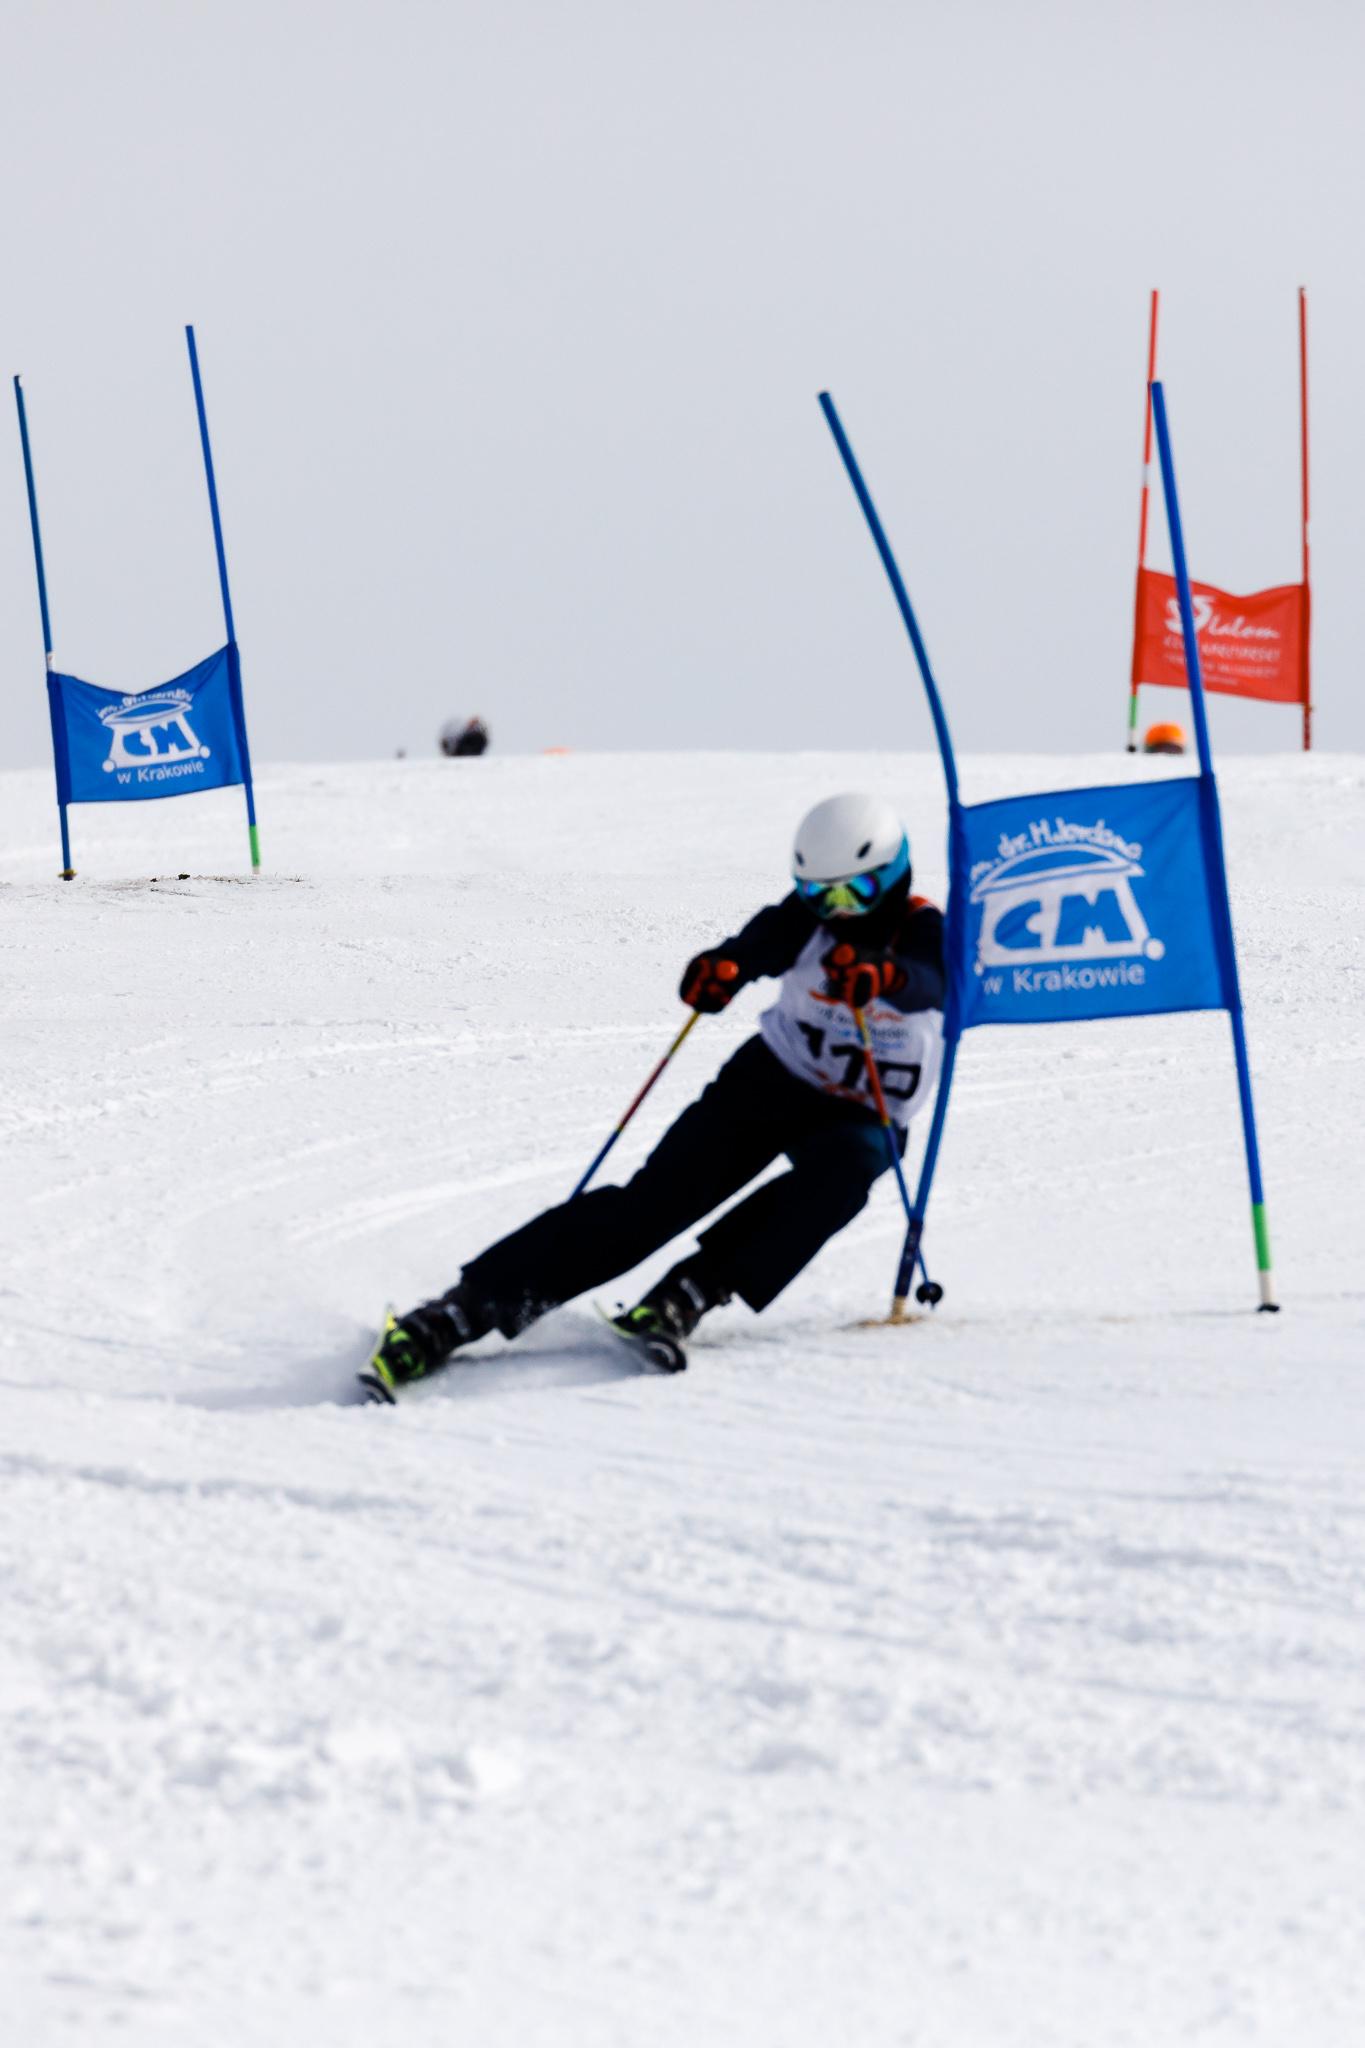 SlalomBlog2020 9